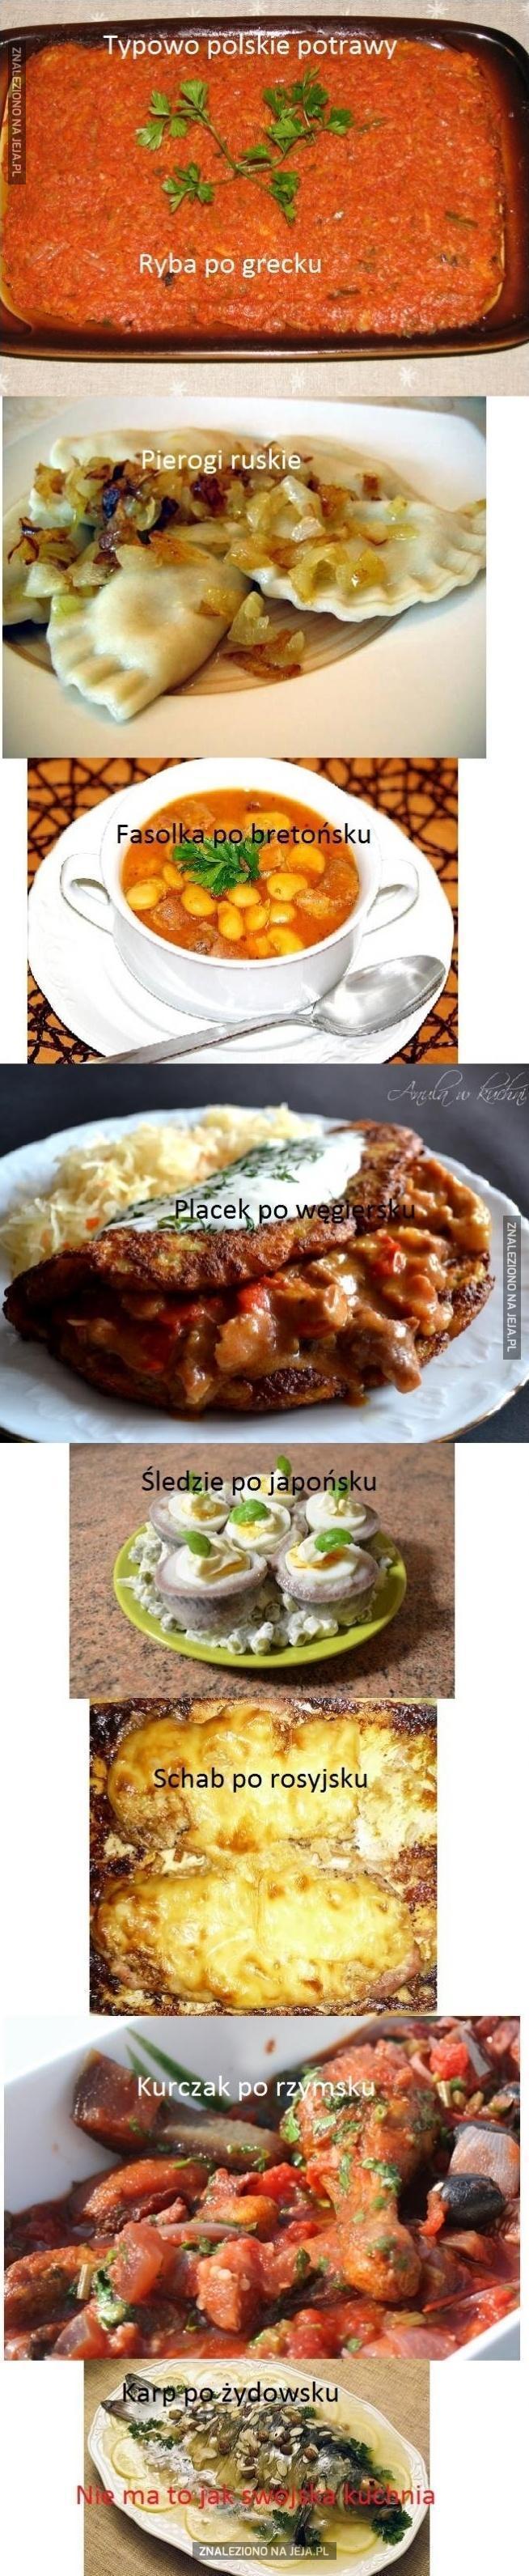 Typowo polskie potrawy